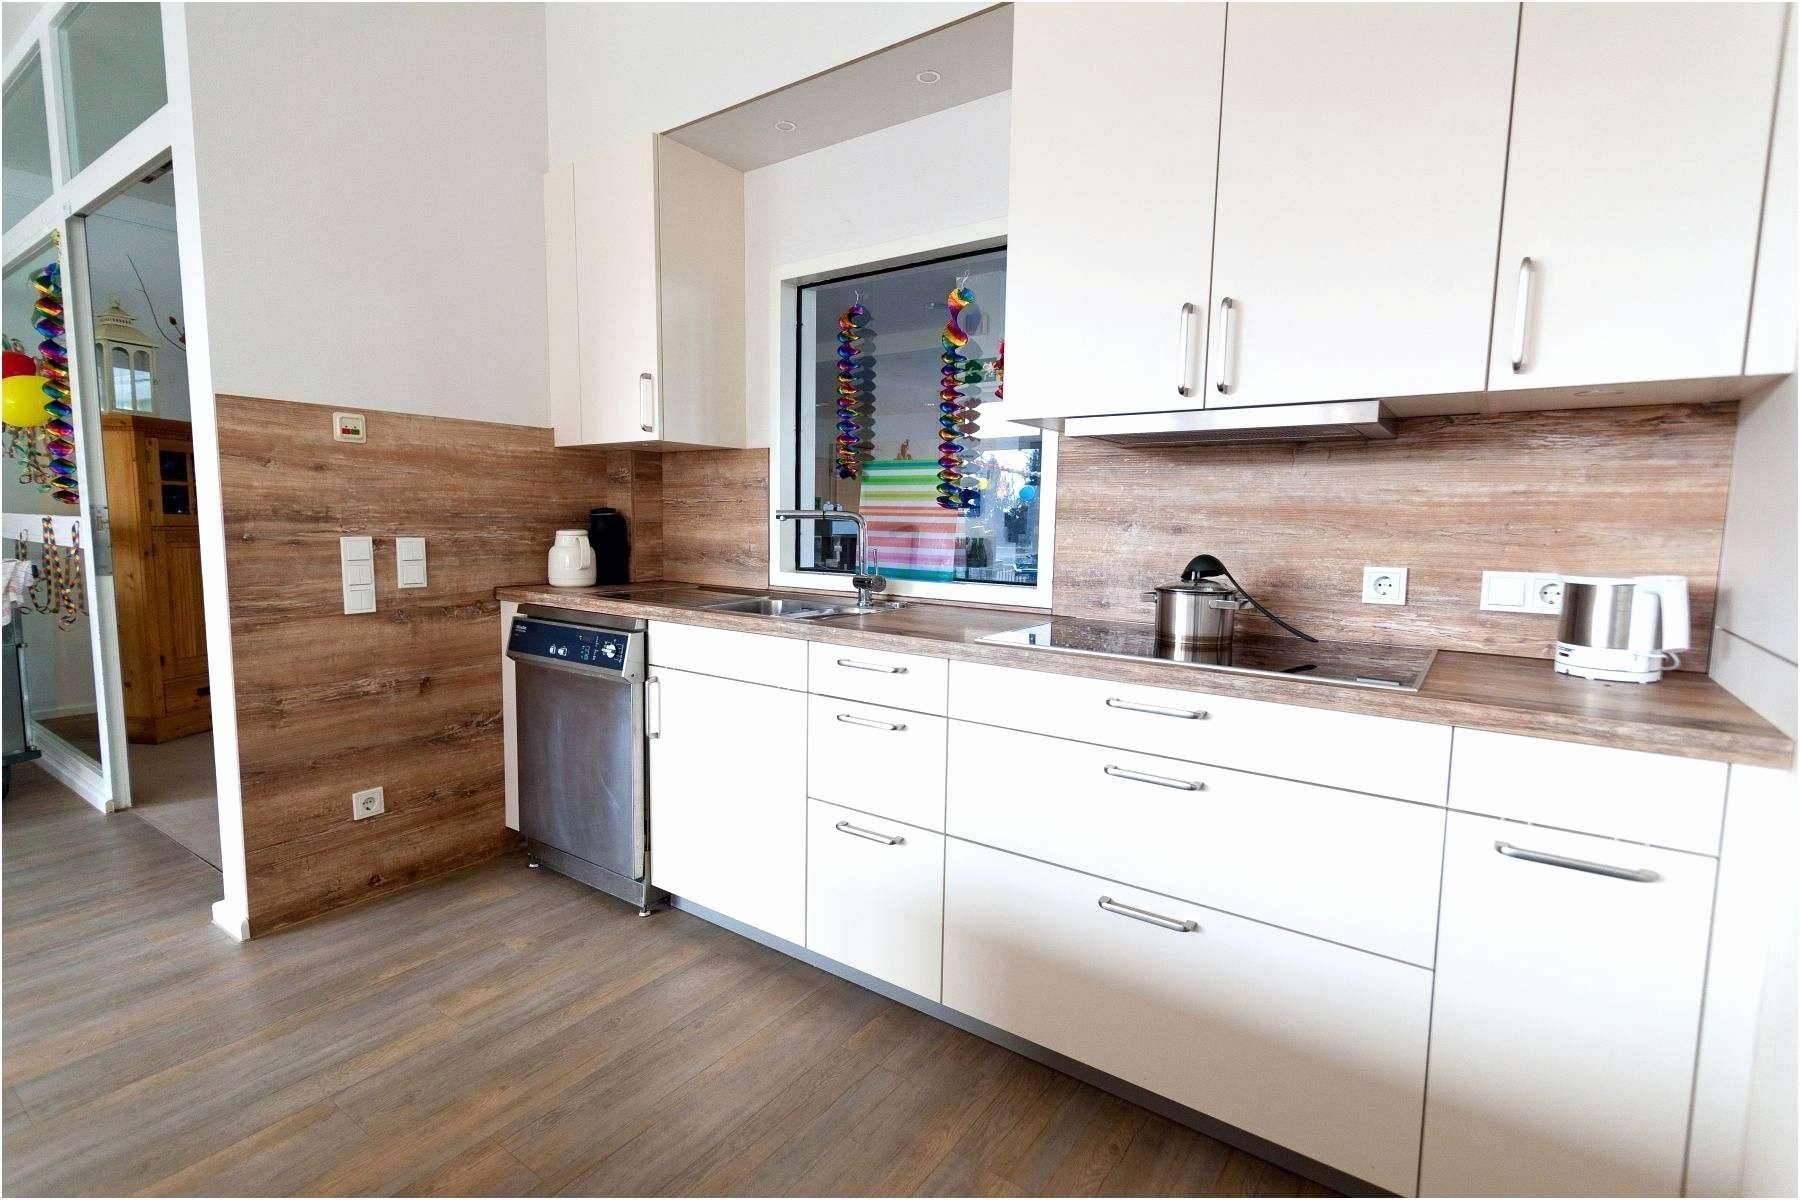 dekofiguren wohnzimmer neu wohnzimmer deko figuren schon of dekofiguren wohnzimmer